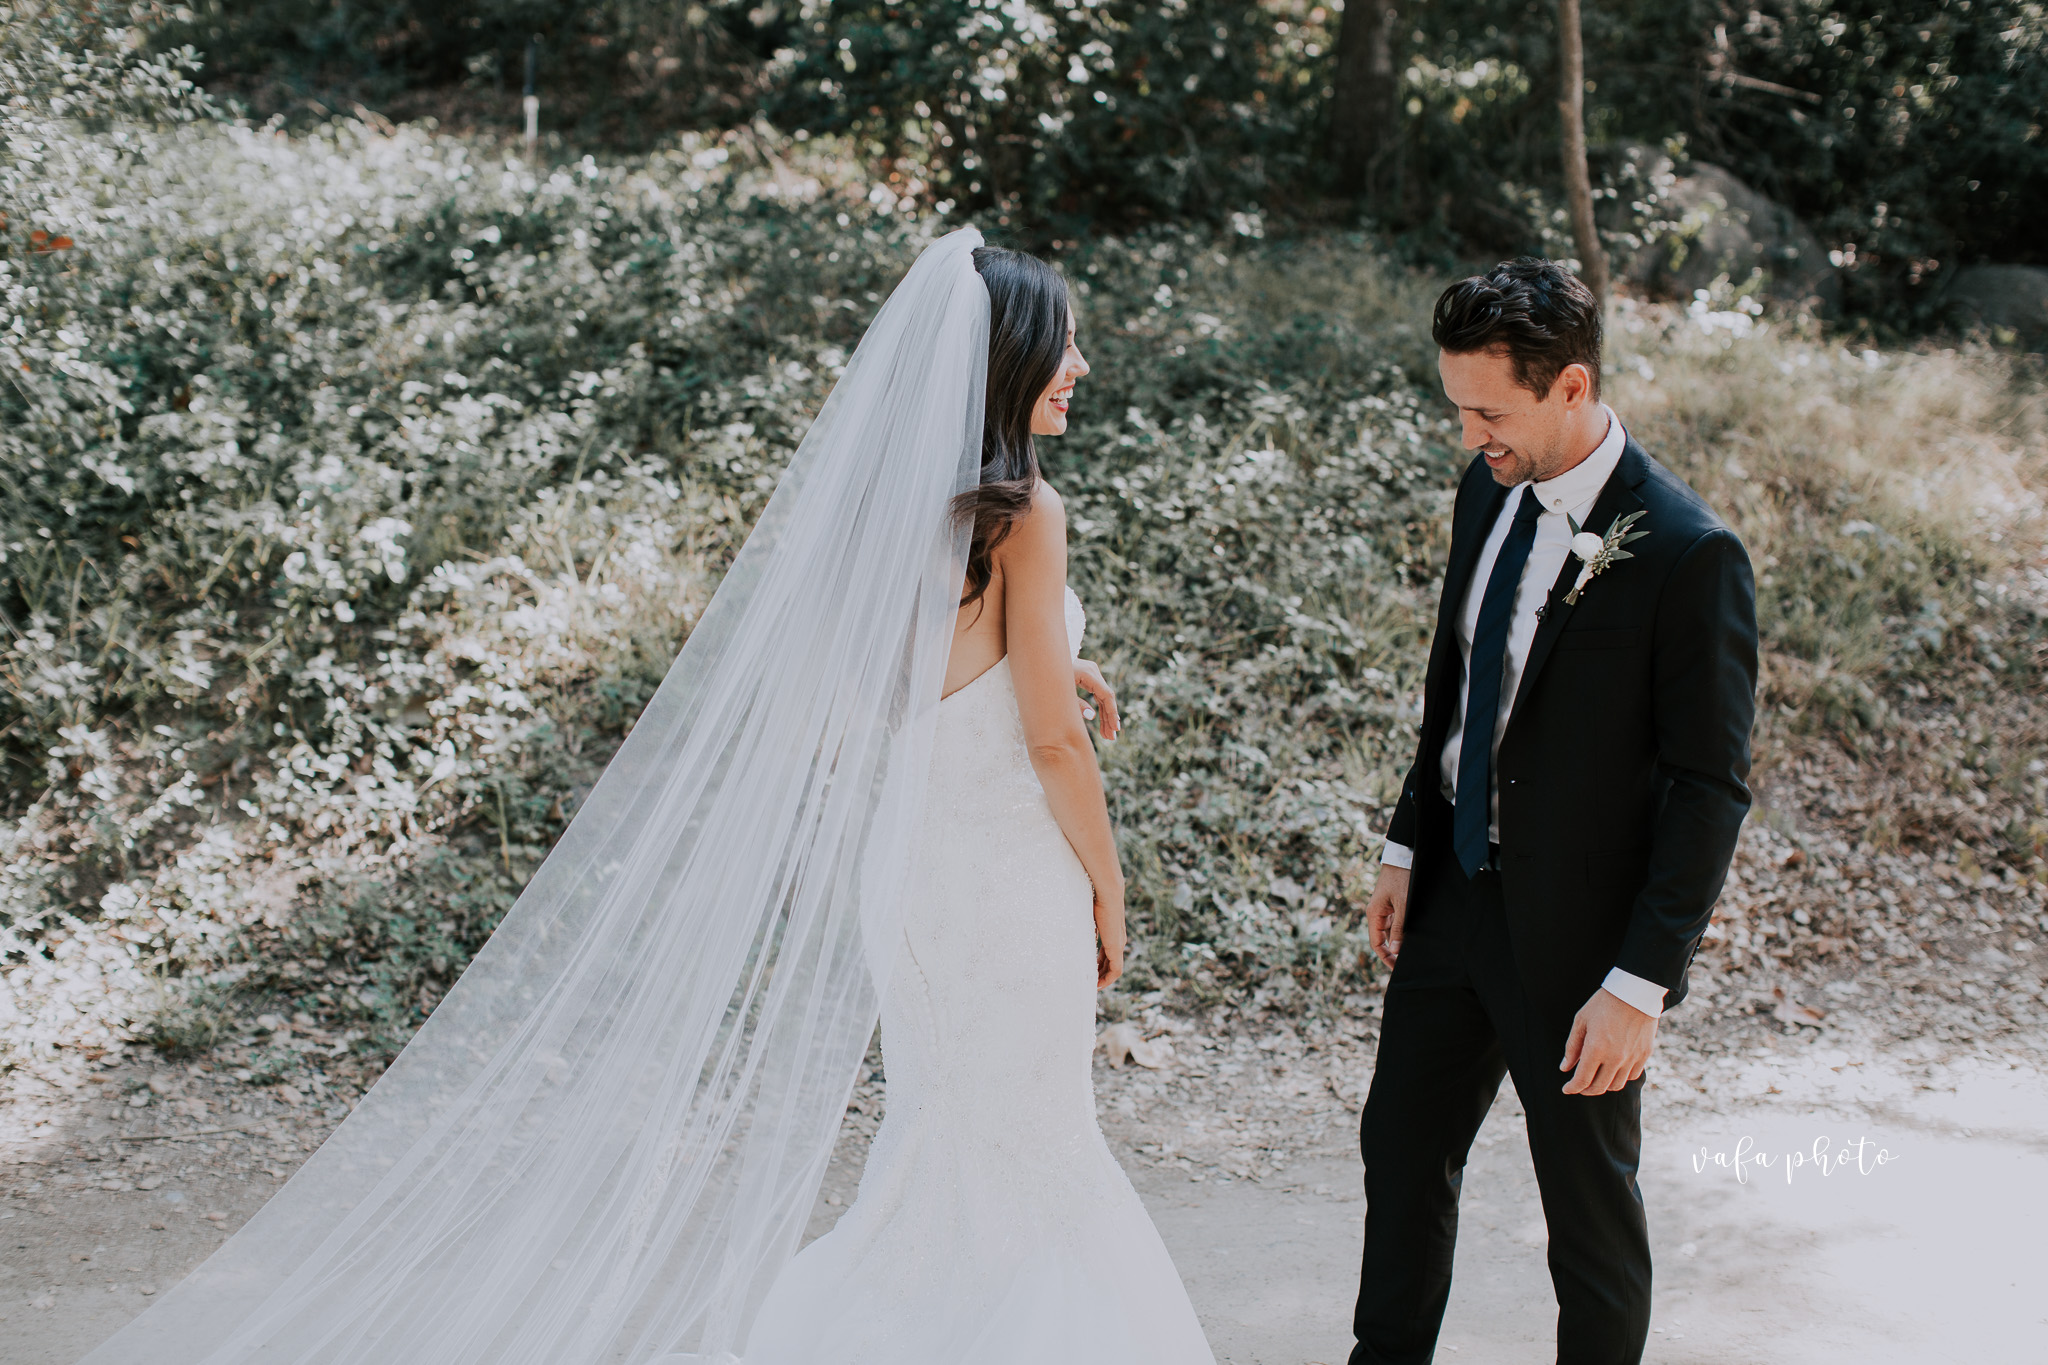 Southern-California-Wedding-Britt-Nilsson-Jeremy-Byrne-Vafa-Photo-206.jpg